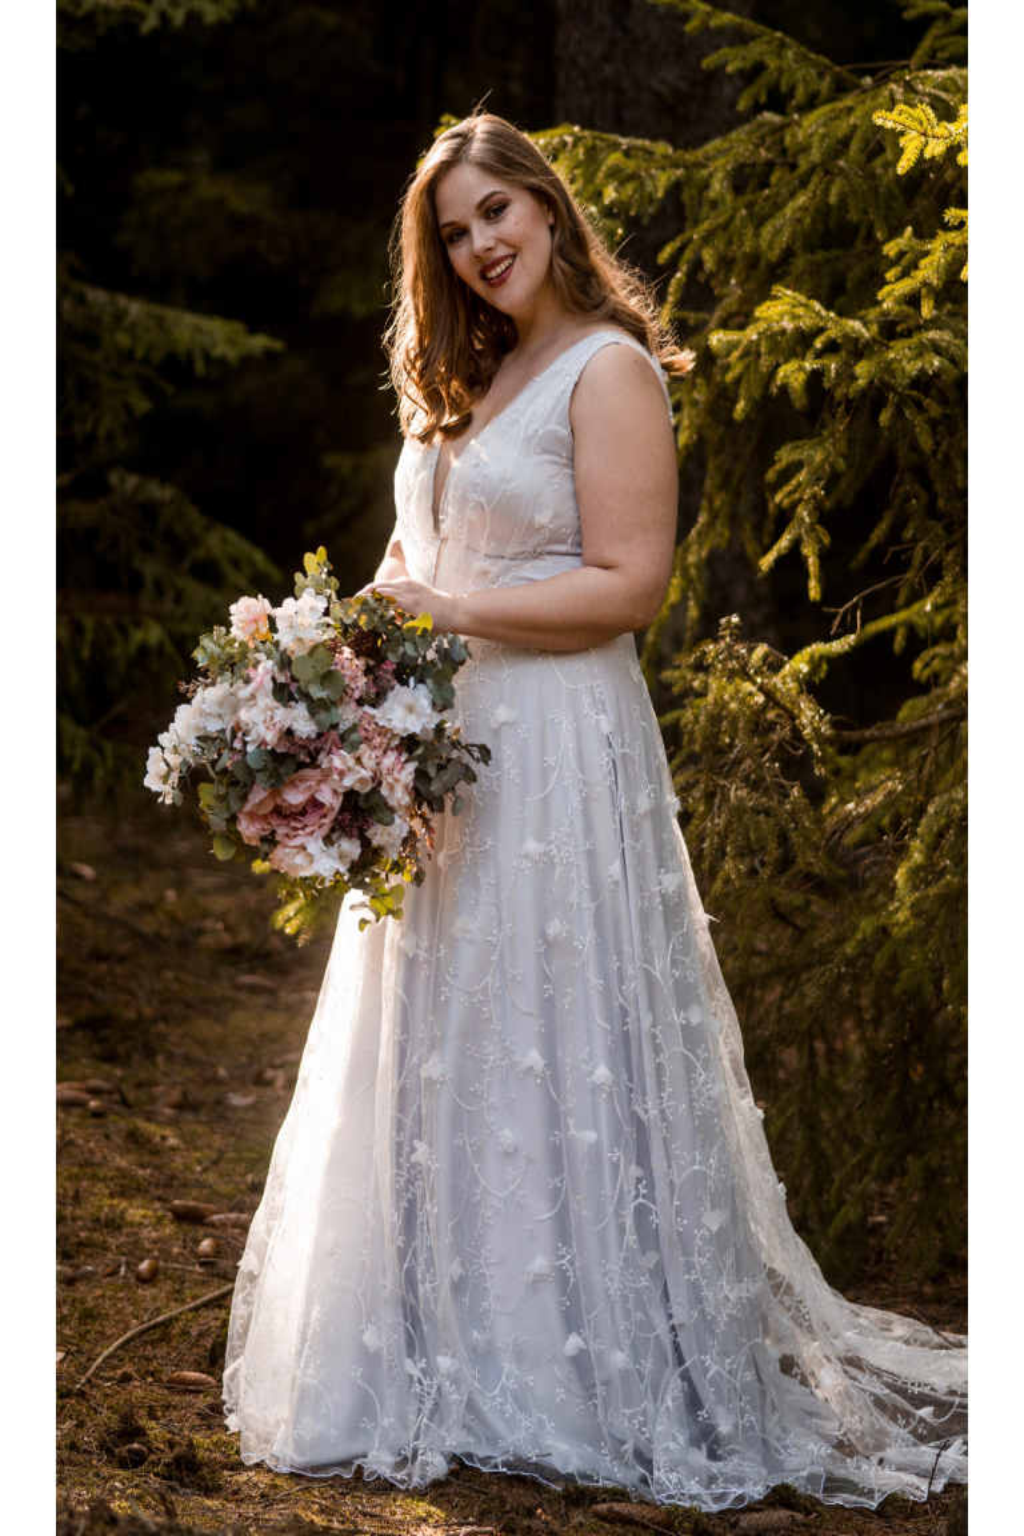 sedo modre svatebni saty